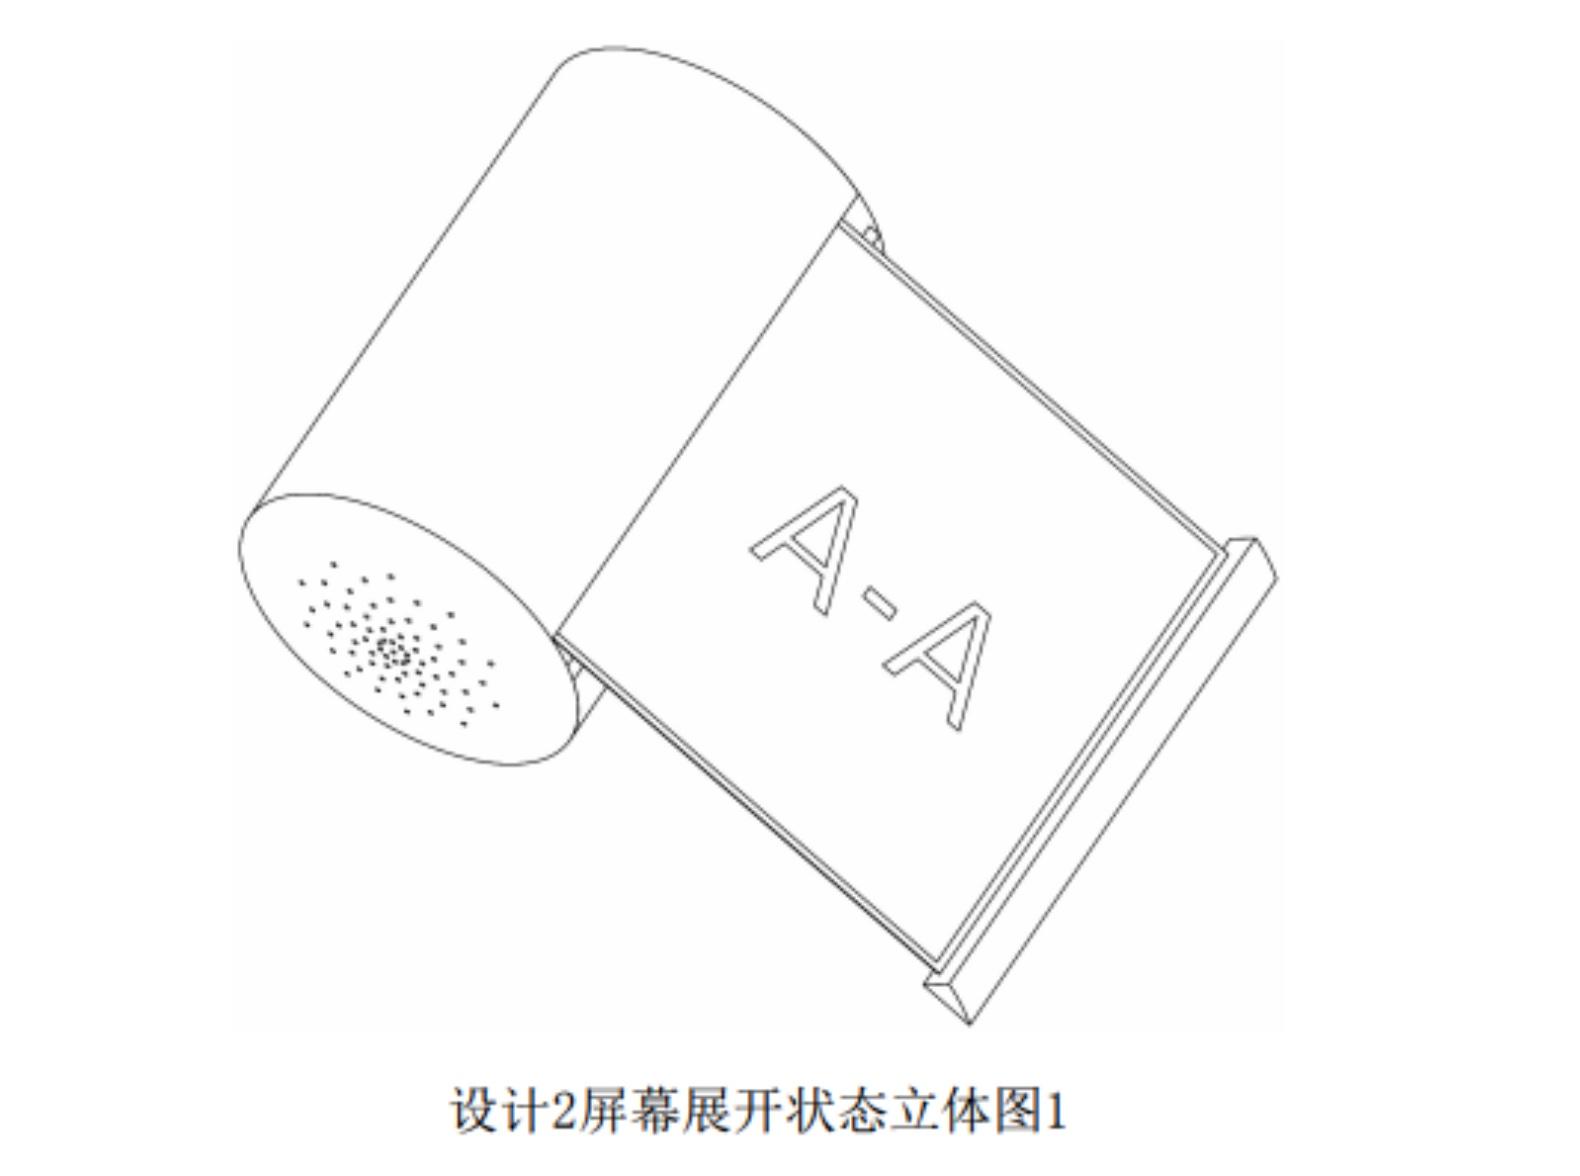 Ceci n'est pas une pellicule photo argentique, mais un appareil à écran enroulable sur lequel Xiaomi travaille dans l'ombre